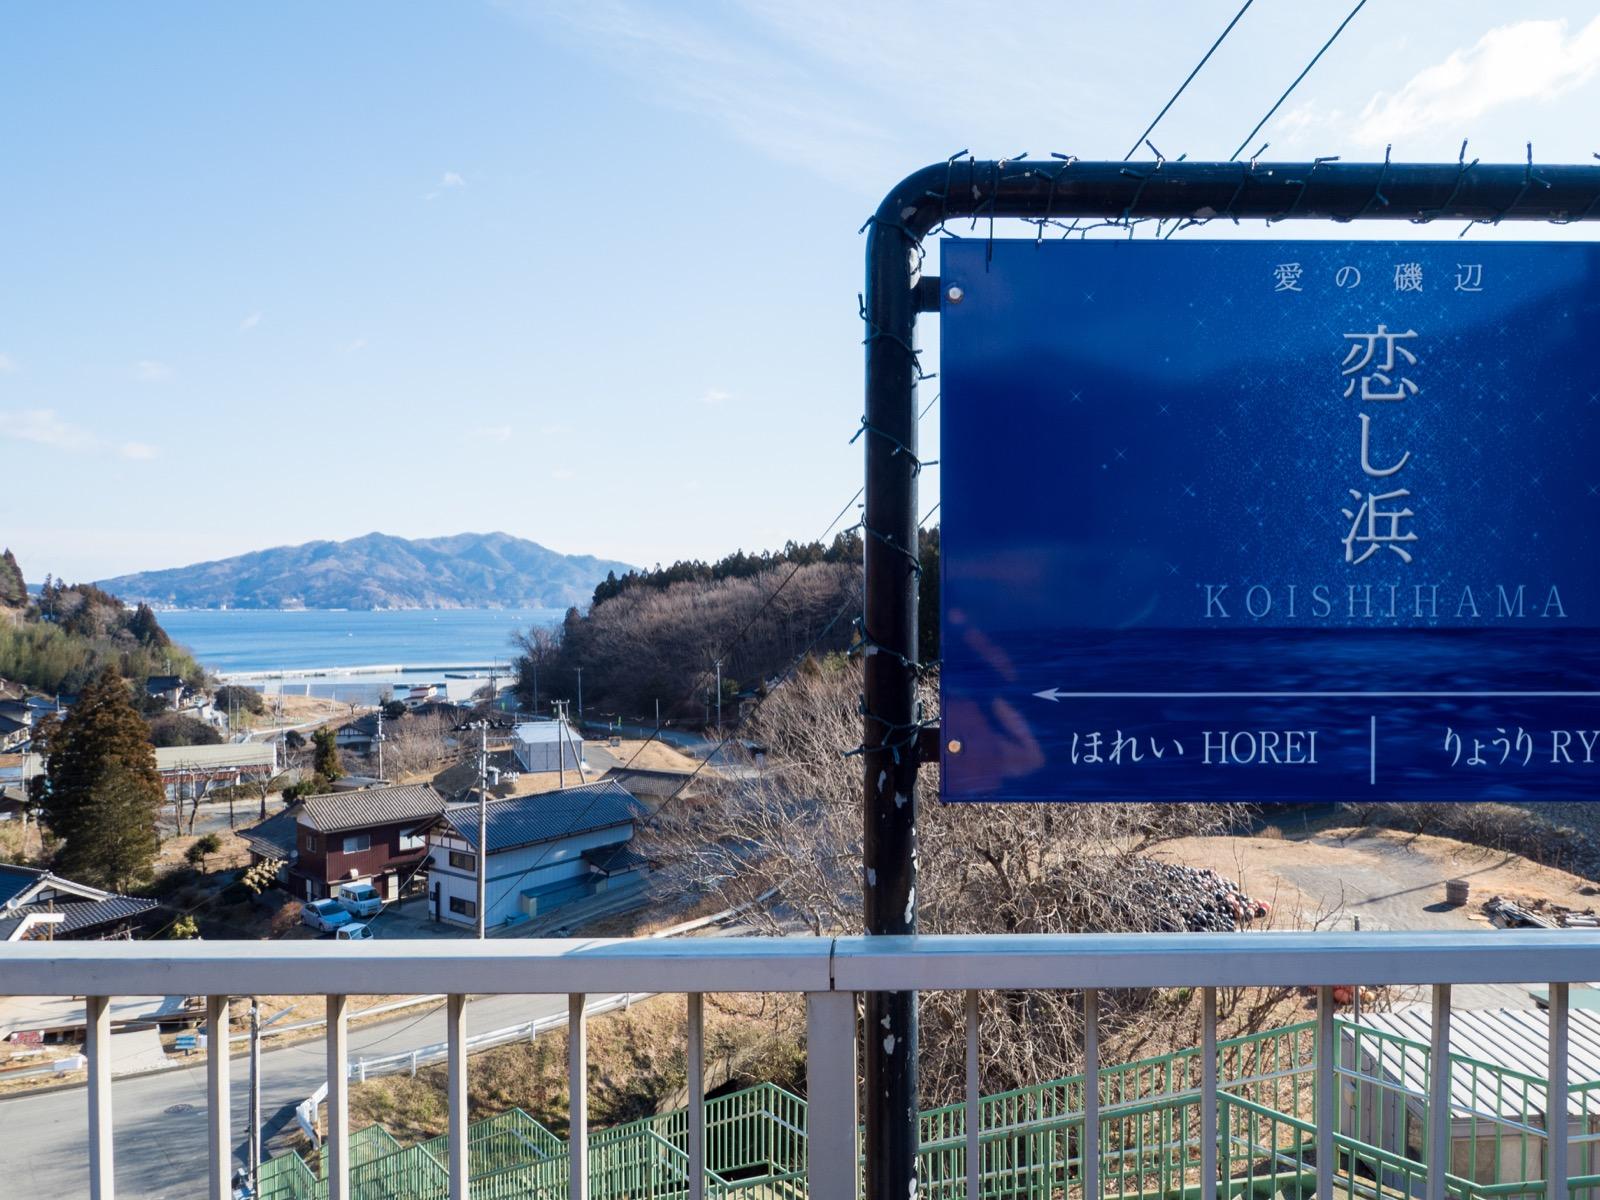 恋し浜駅のホームから望む越喜来湾と越喜来半島(2016年2月)